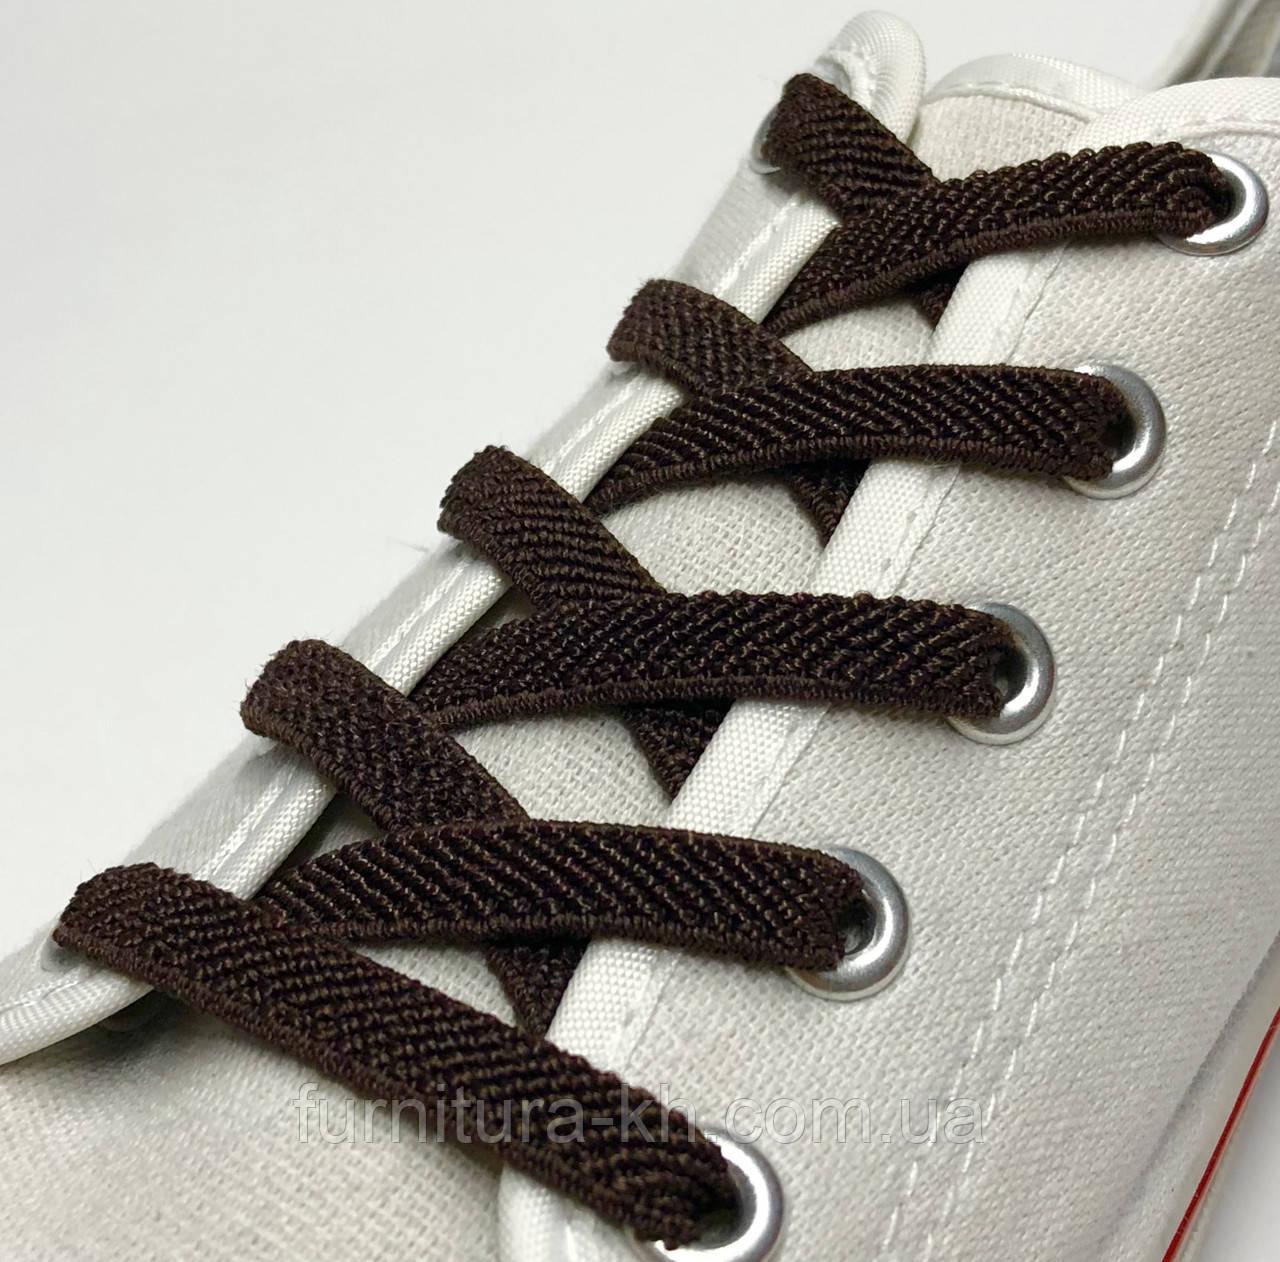 Шнурок Резиновый Плоский-Цвет Темно Коричневый (толщина 7 мм).Длинна 0,70 см